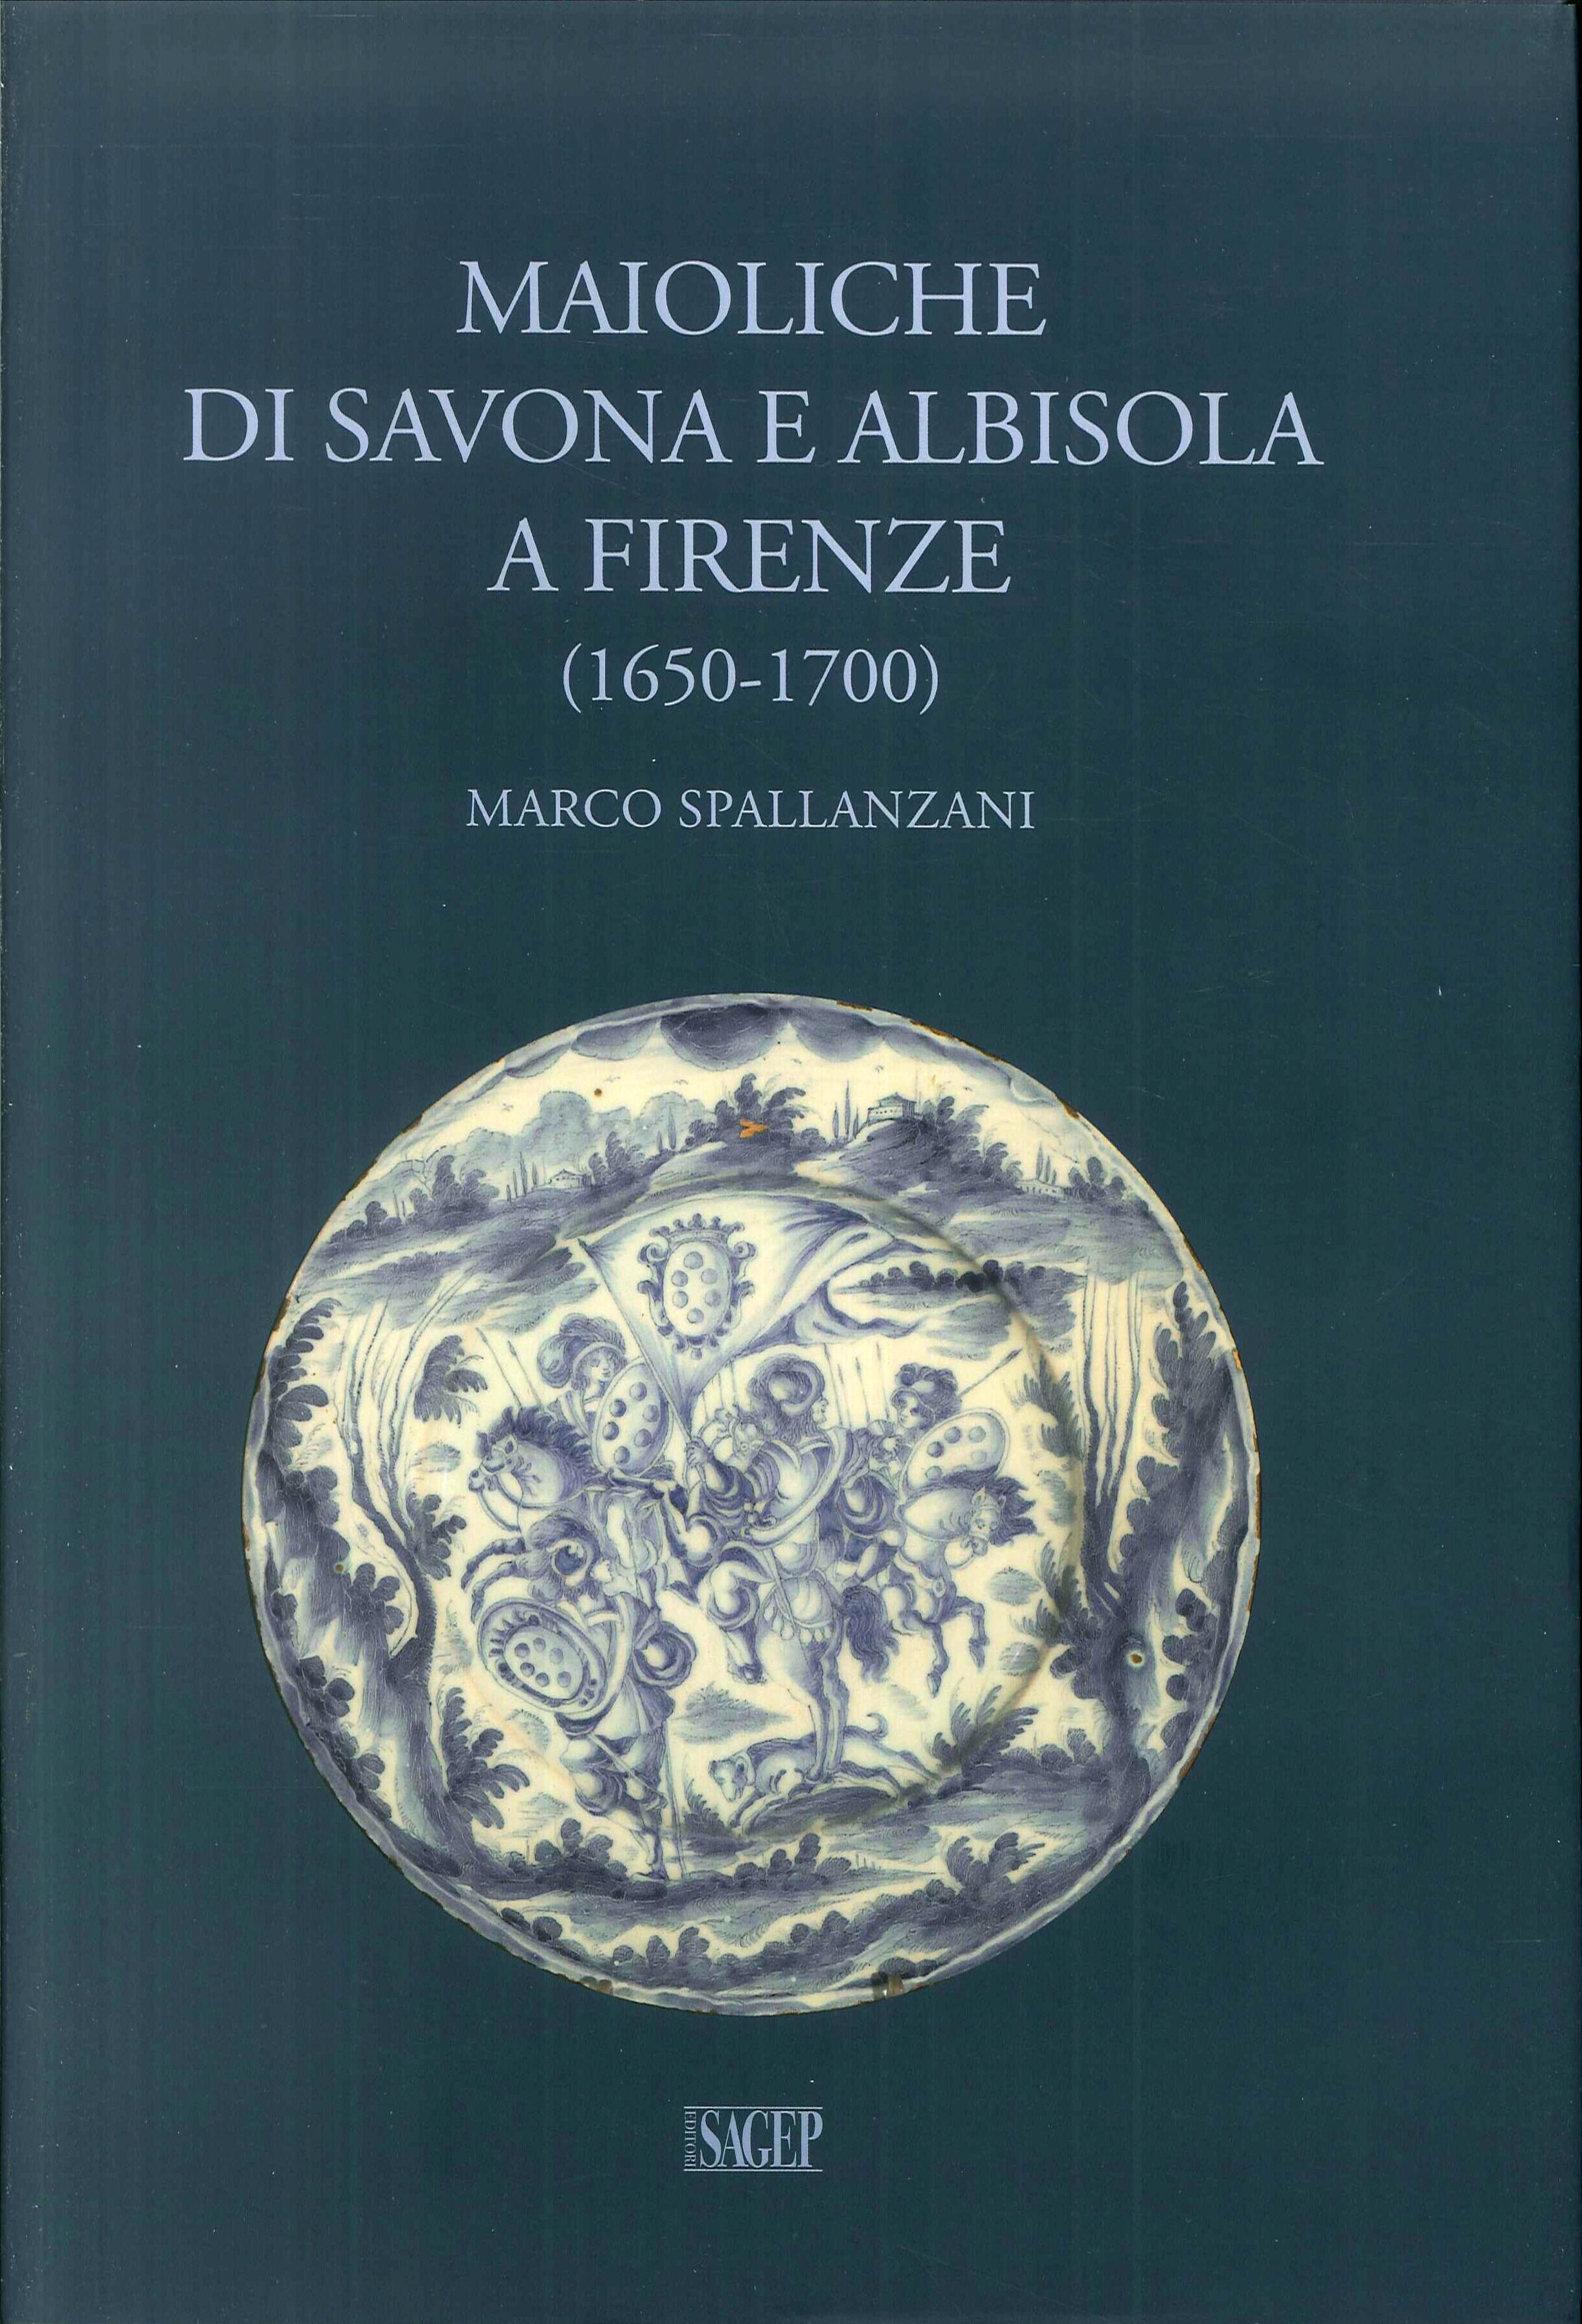 Maioliche di Savona e Albisola a Firenze (1650-1700)